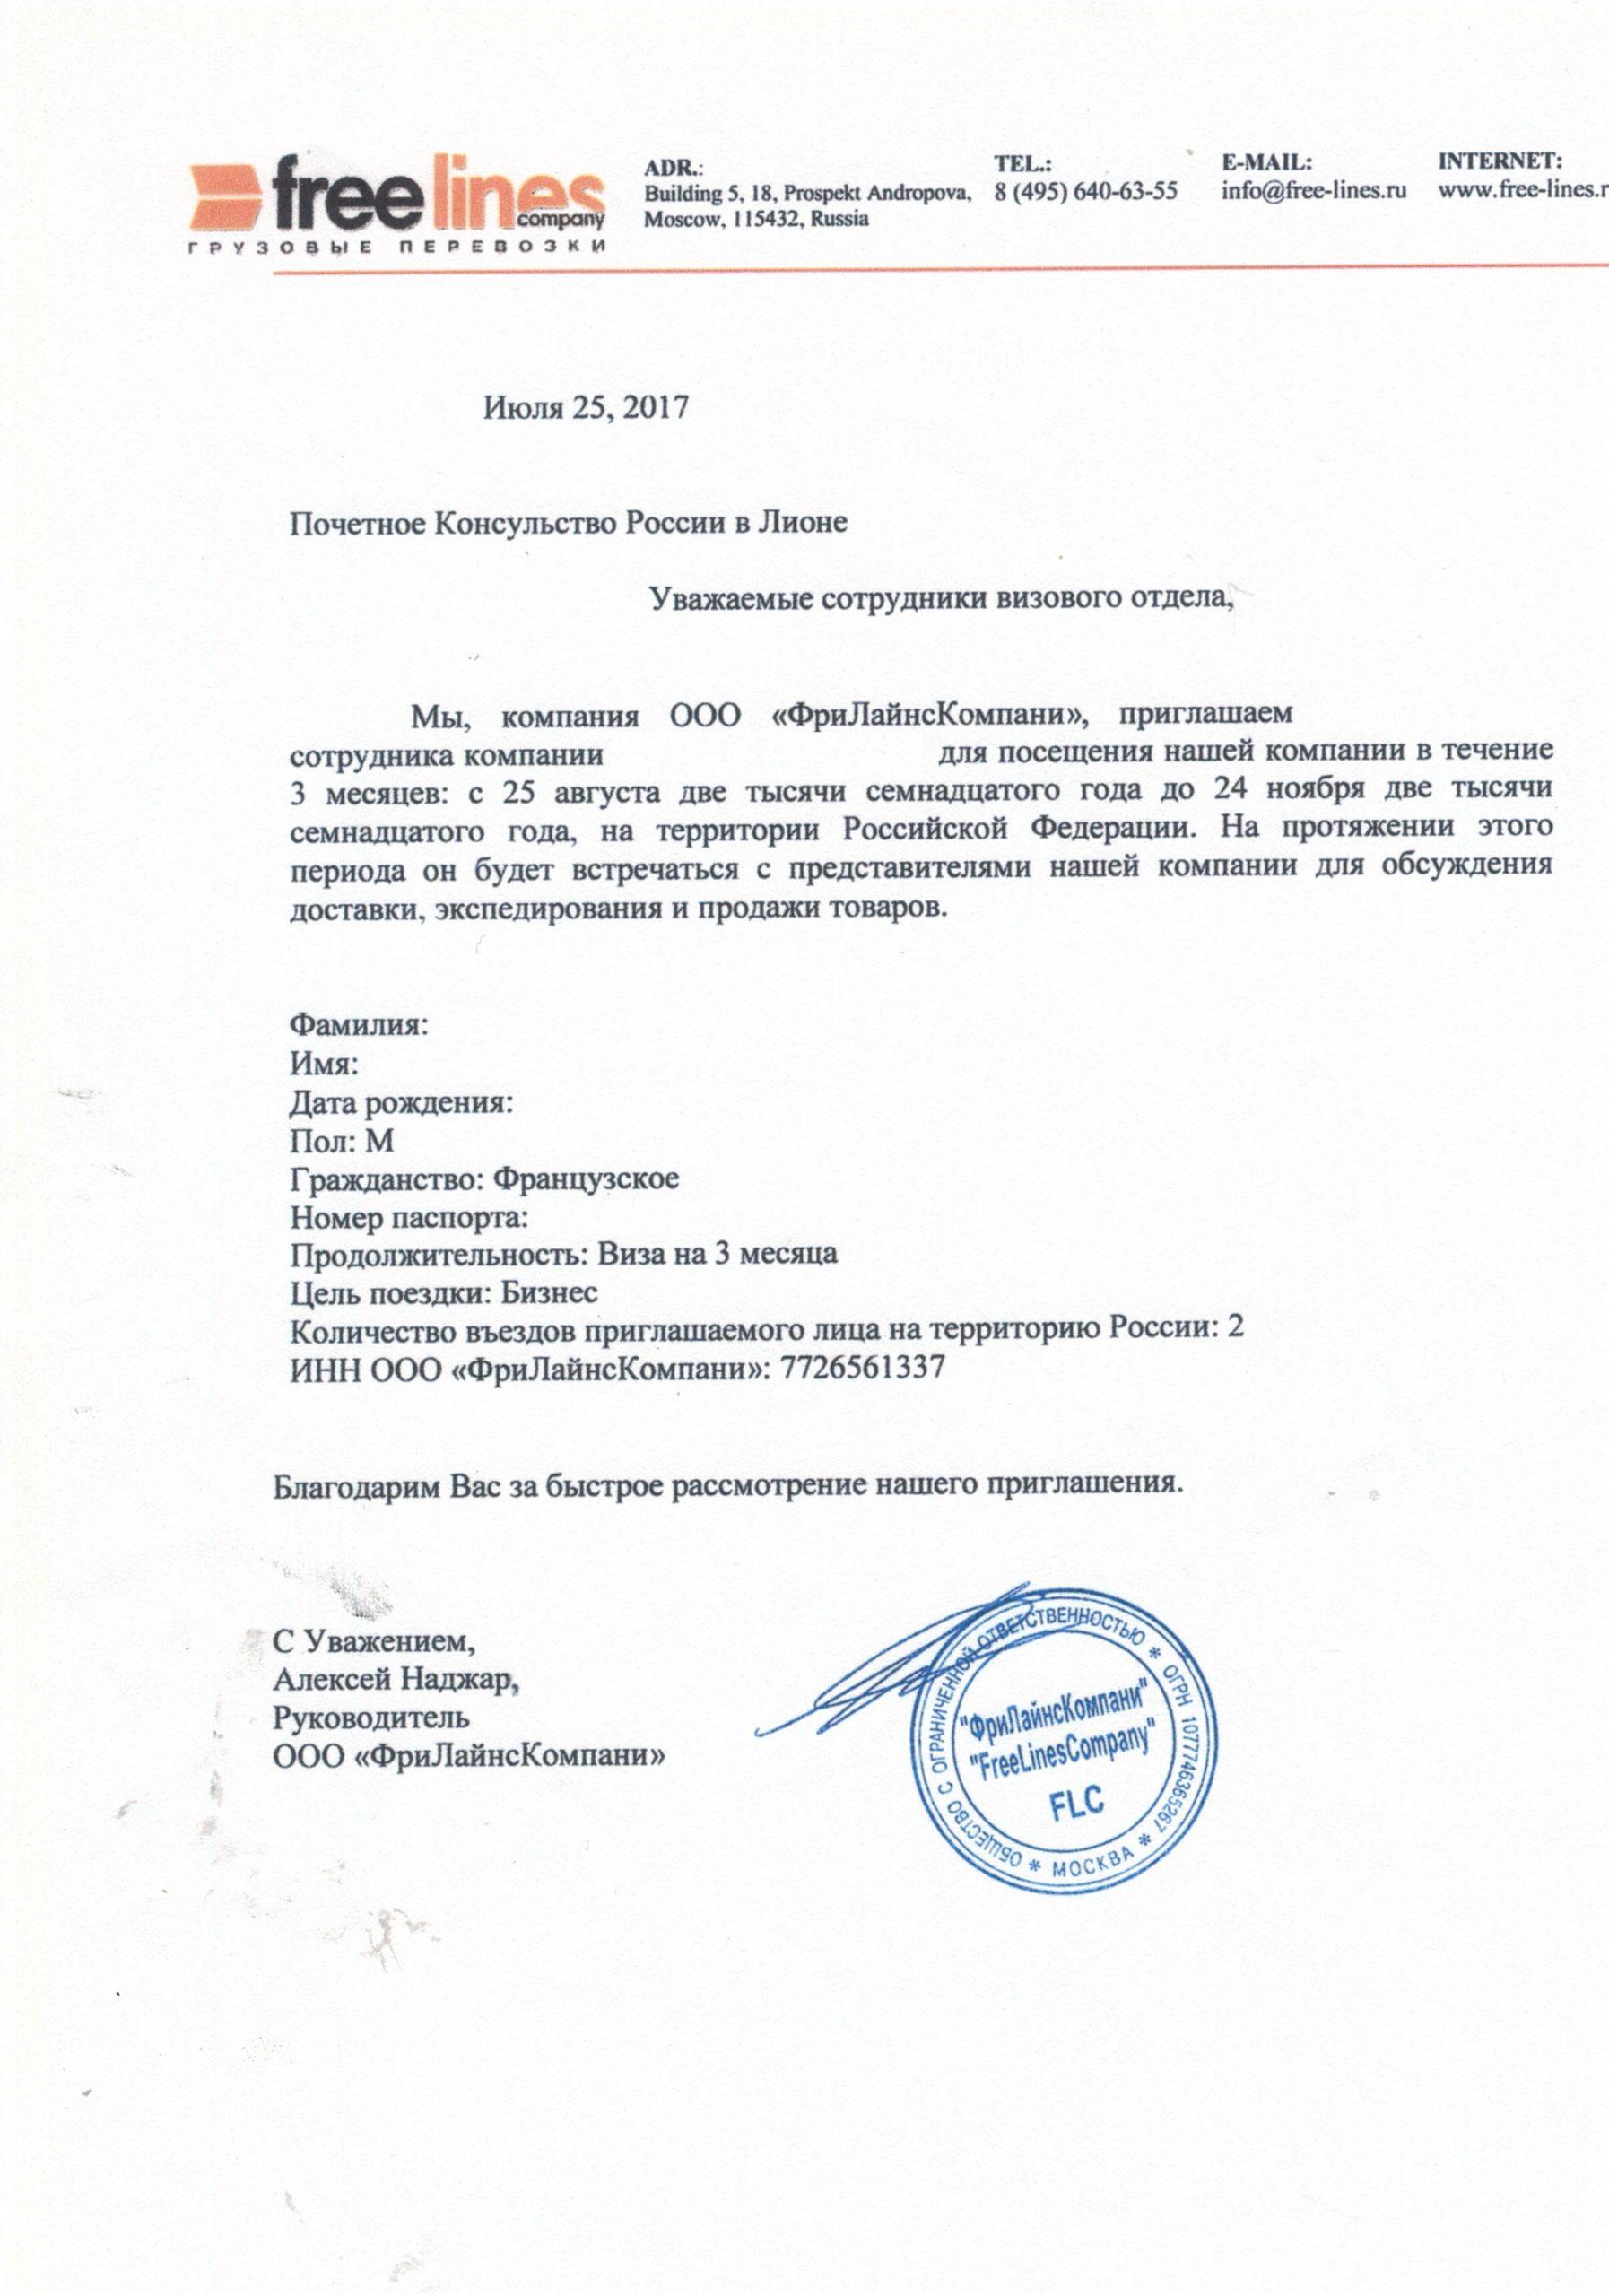 Exemple Lettre D'Invitation Pour Visa France   D'Invitation tout Lettre Invitation Visa Russie